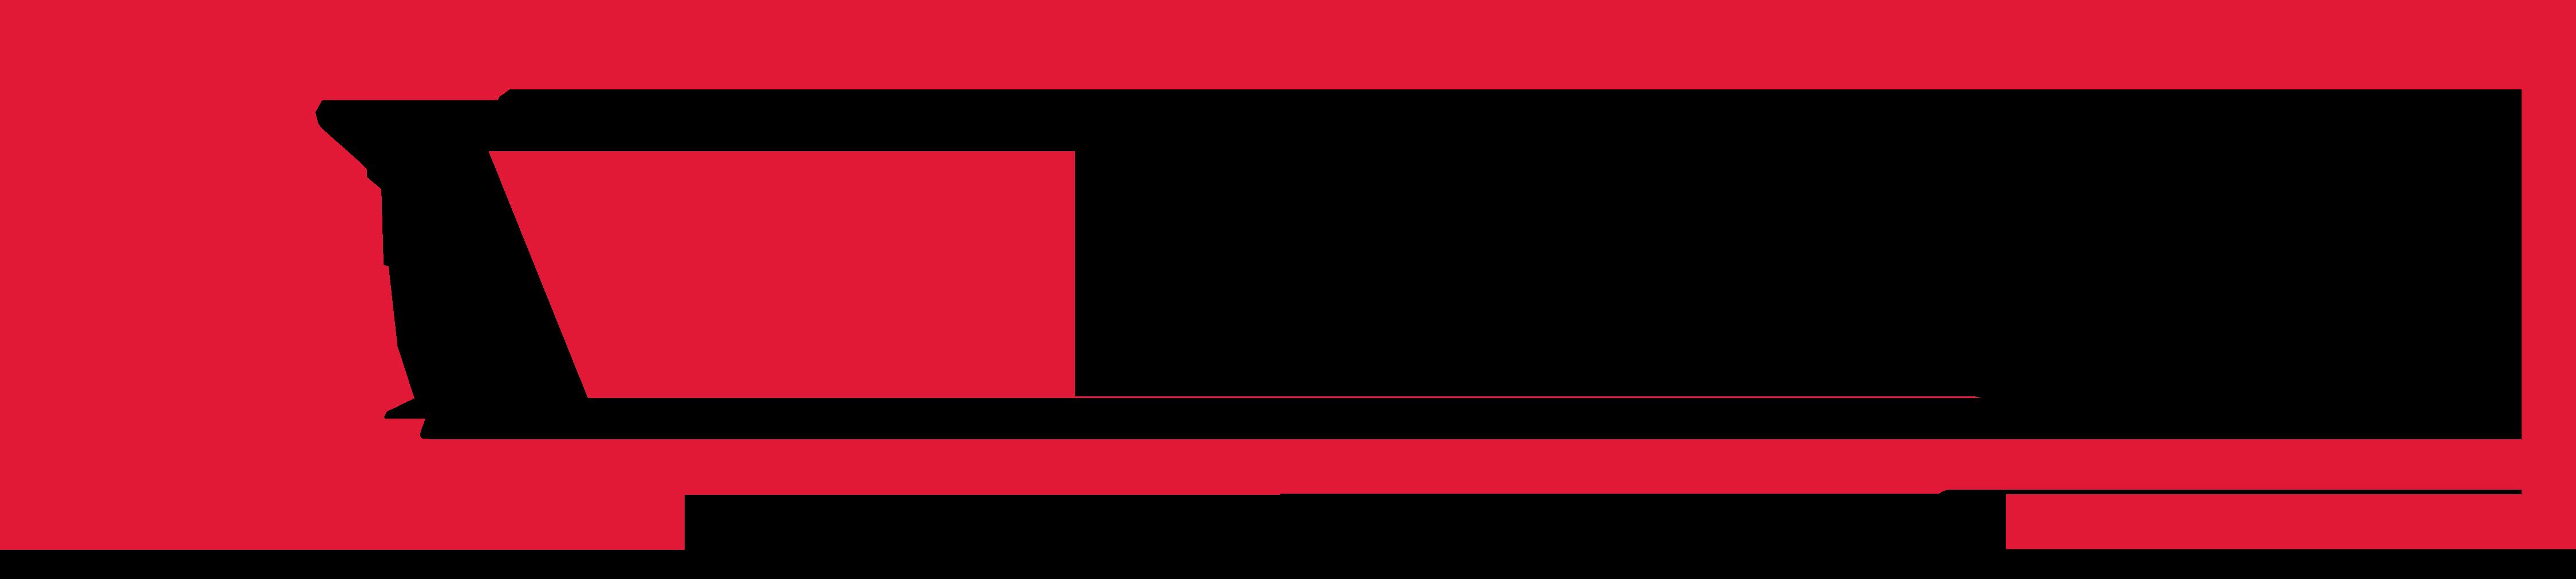 Lne-logo-redborder-r-rgb